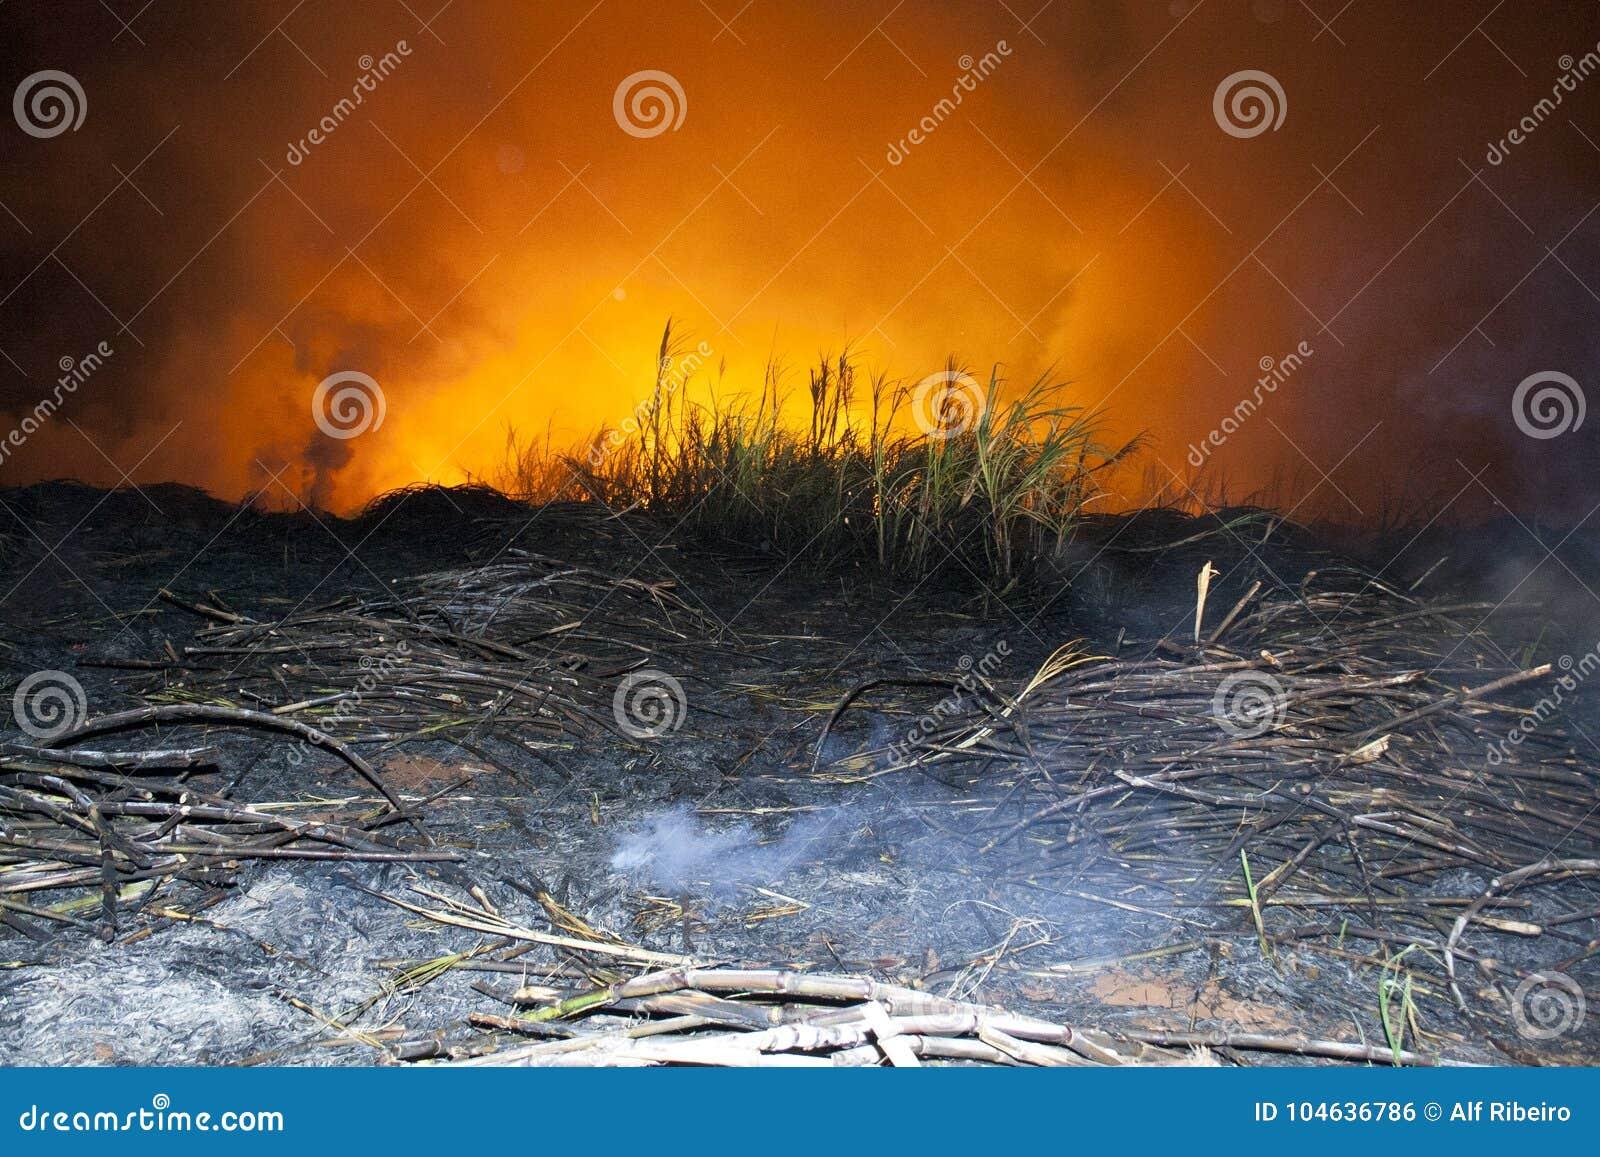 Download Suikerrietbrand stock foto. Afbeelding bestaande uit element - 104636786